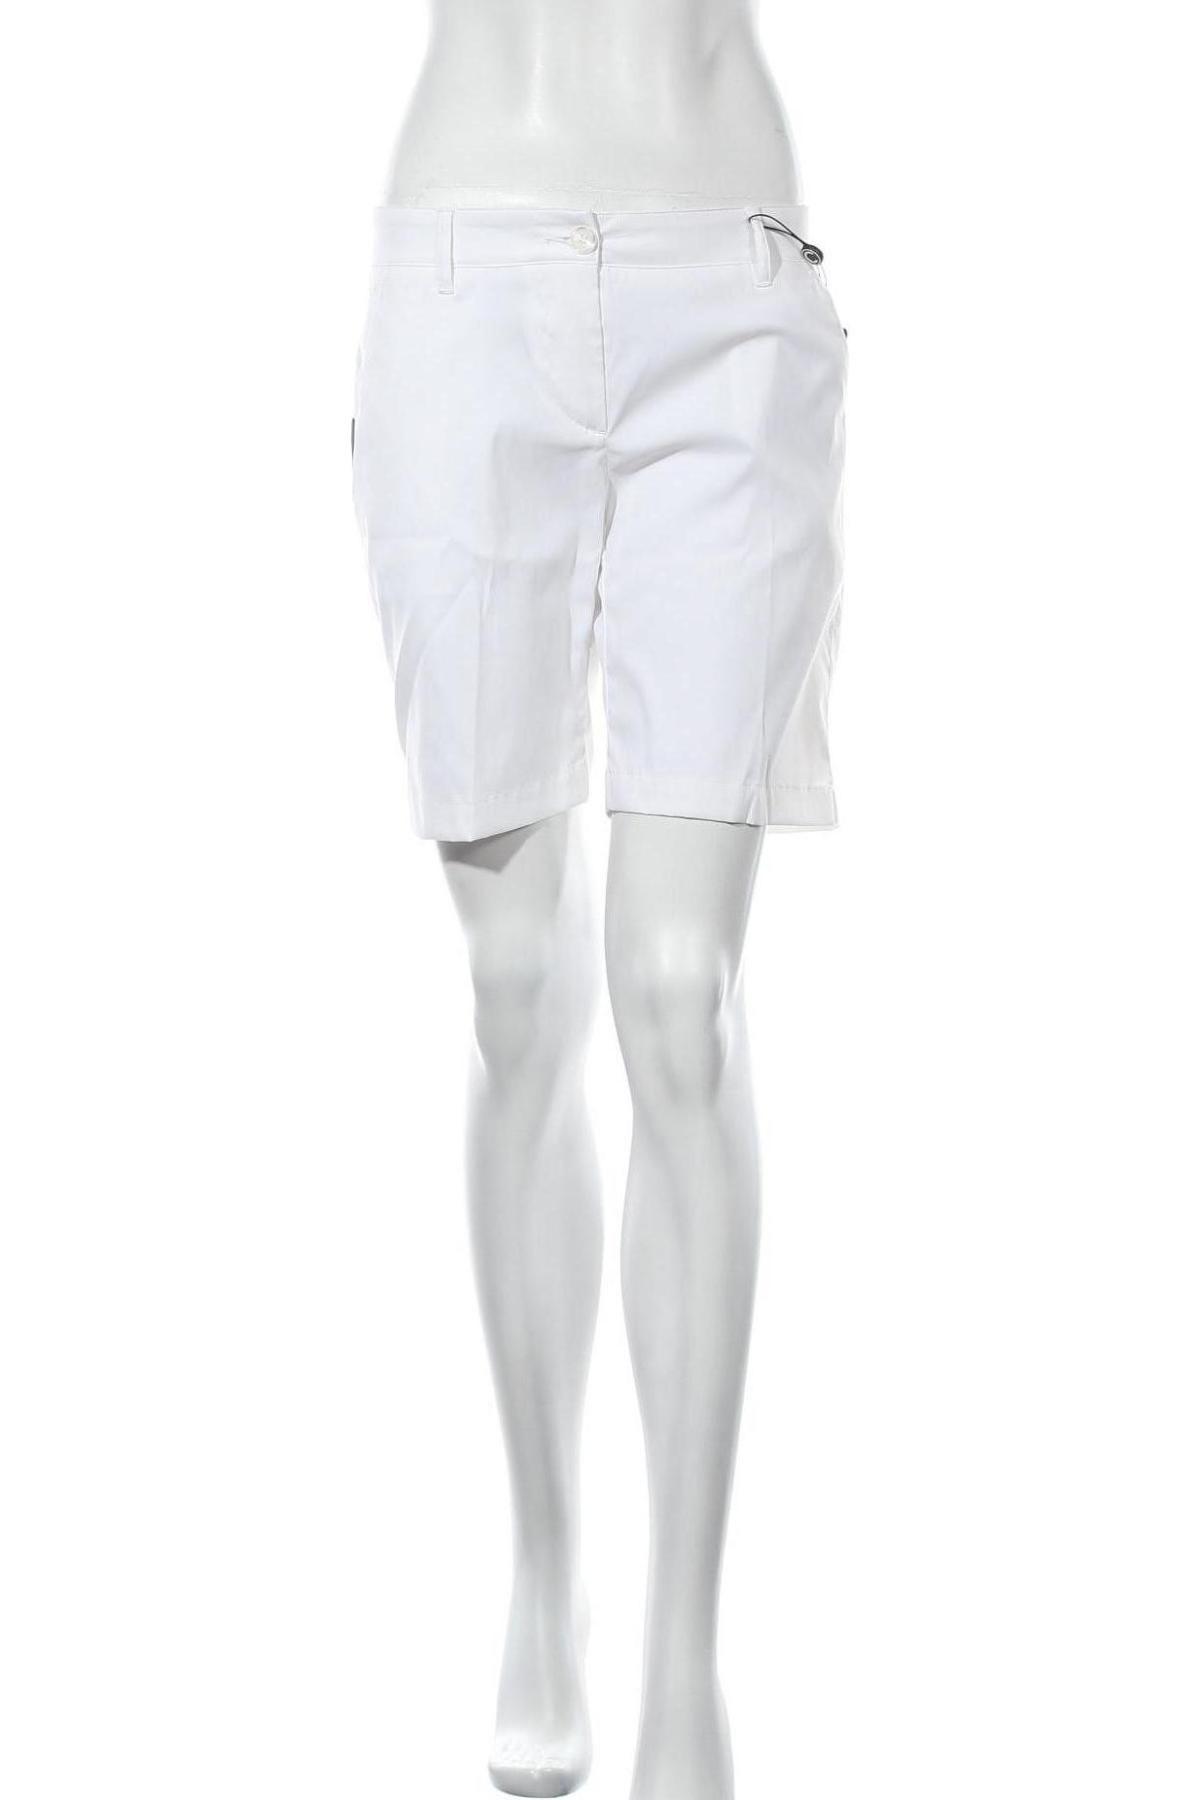 Γυναικείο κοντό παντελόνι Colmar, Μέγεθος M, Χρώμα Λευκό, 94% πολυαμίδη, 6% ελαστάνη, Τιμή 34,56€